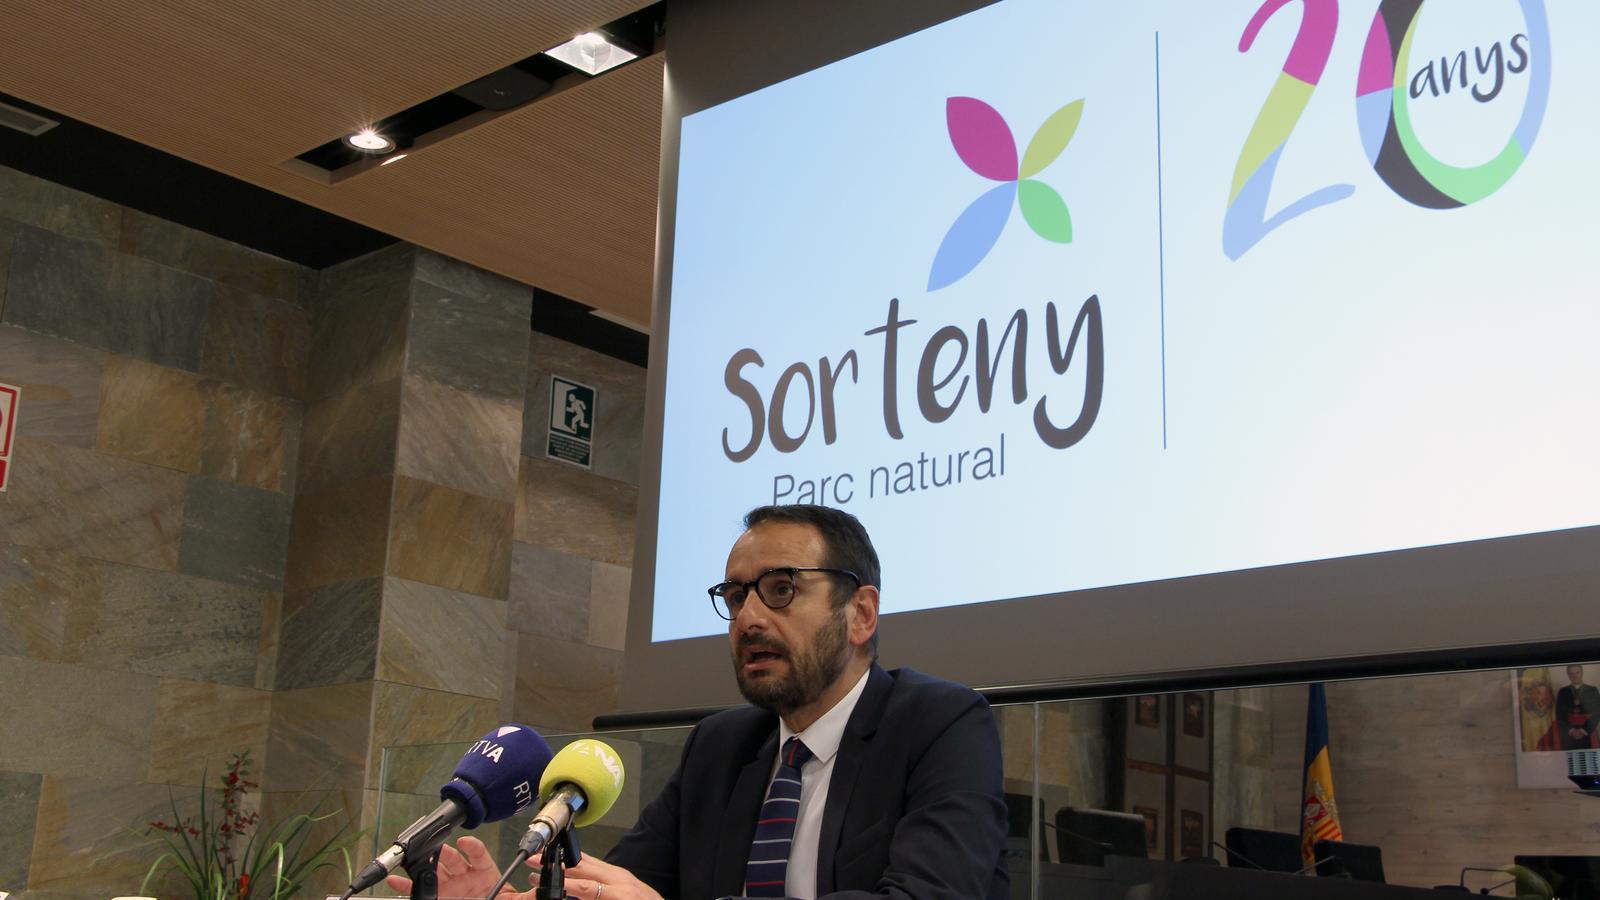 El conseller de Turisme, Esports i Dinamització del comú d'Ordino, Jordi Serracanta, presenta els actes previstos pel 20è aniversari del Parc natural de Sorteny. / C. G. (ANA)